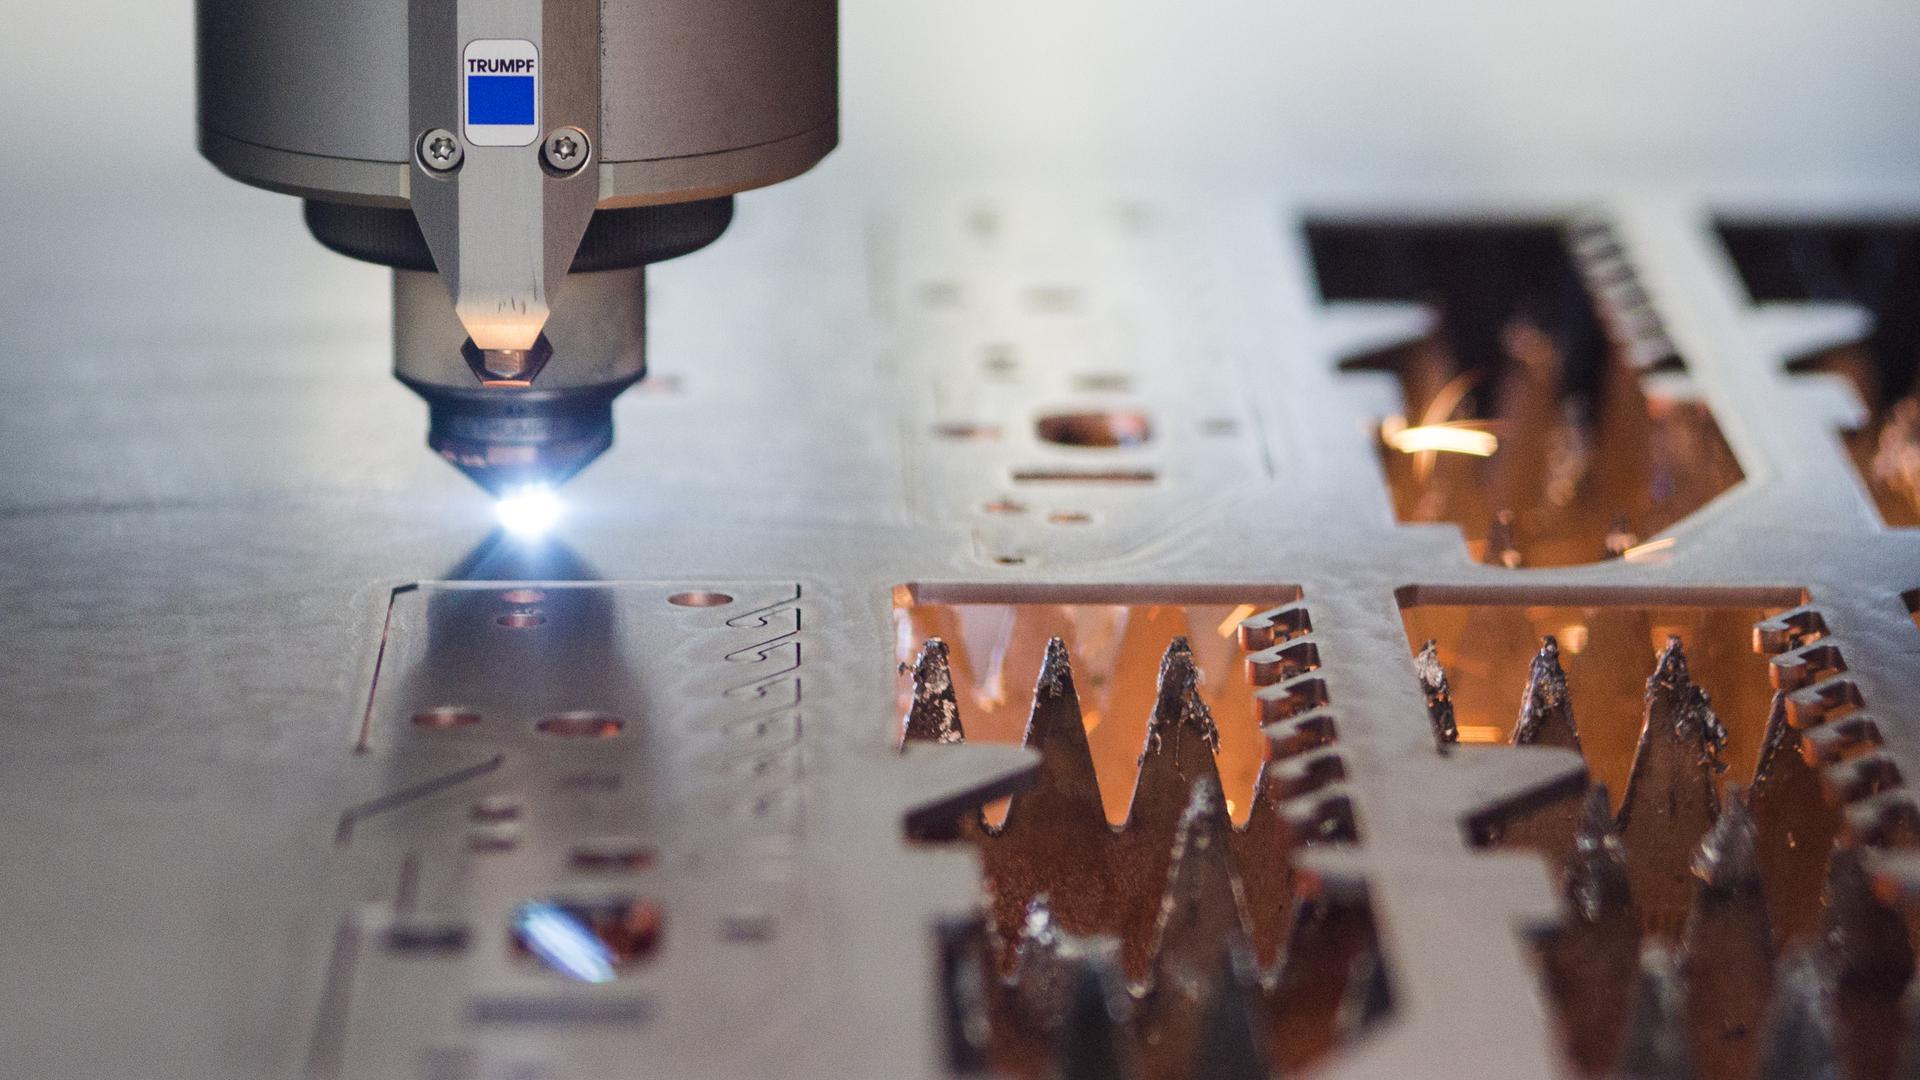 Ein Laser des Maschinenbauers Trumpf GmbH & Co. KG schneidet  in einer Produktionshalle  auf einer Platte.